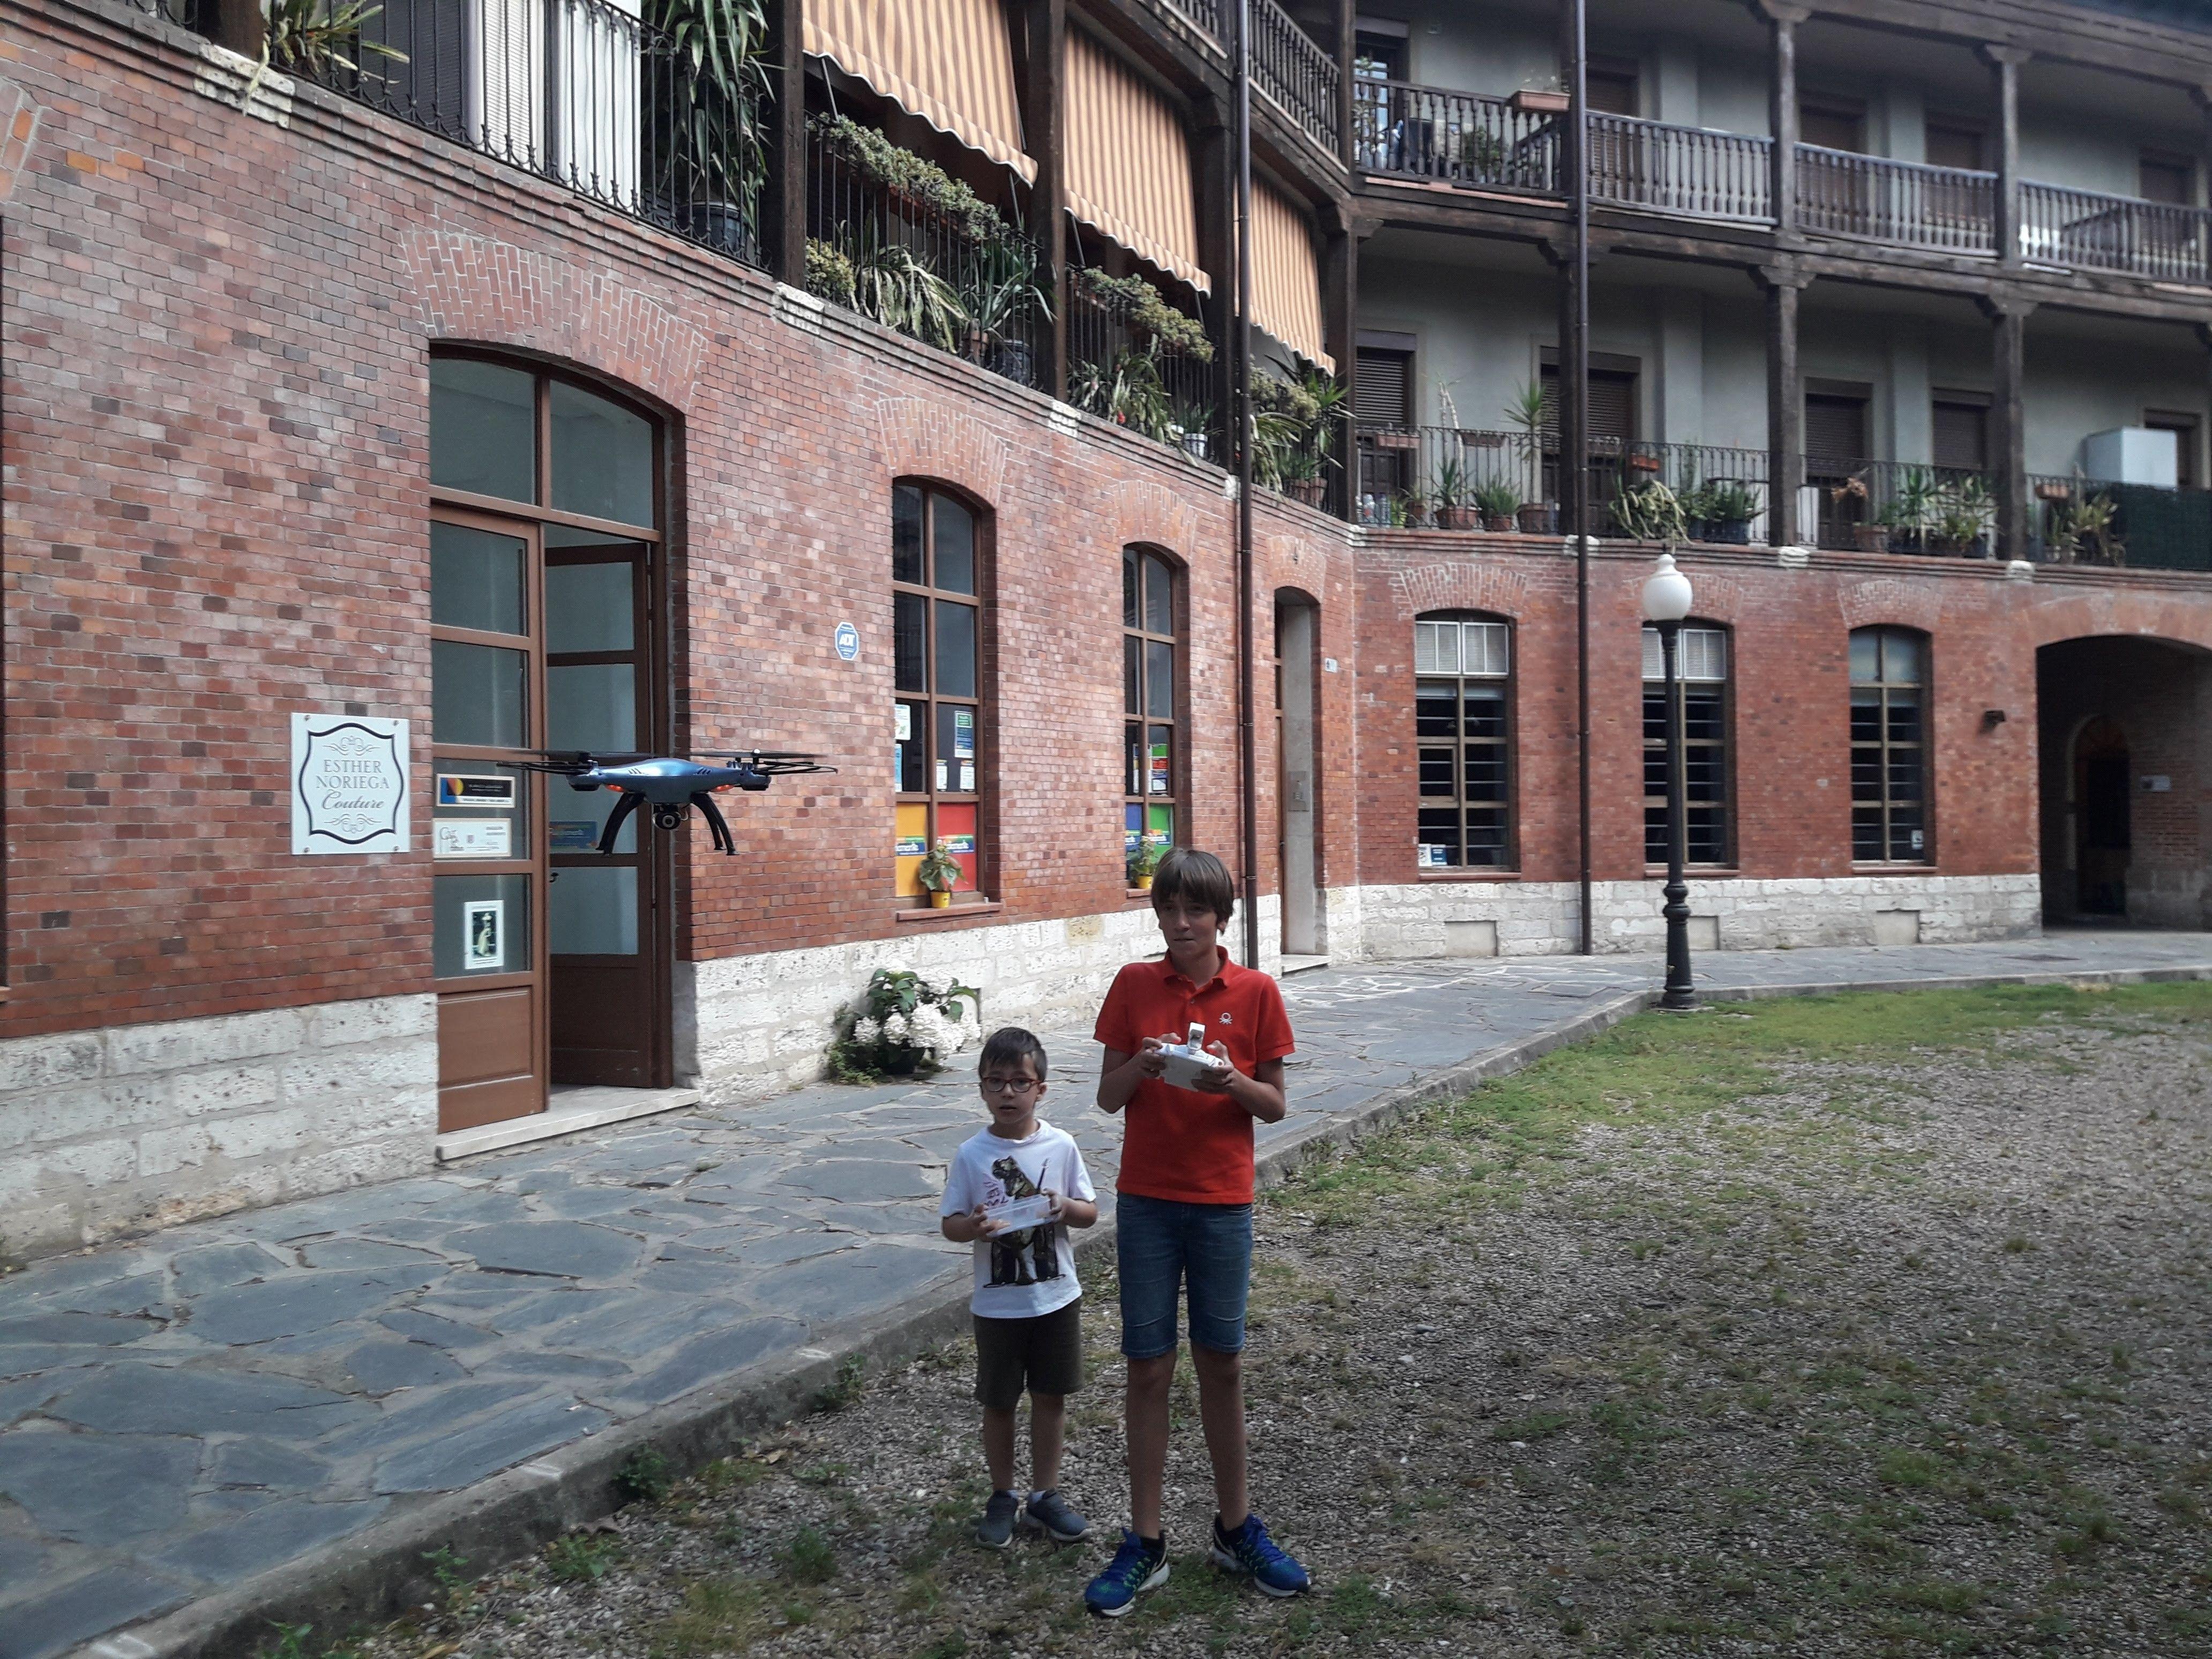 Foto 1 de Academias de estudios diversos en Valladolid | Pulediamante